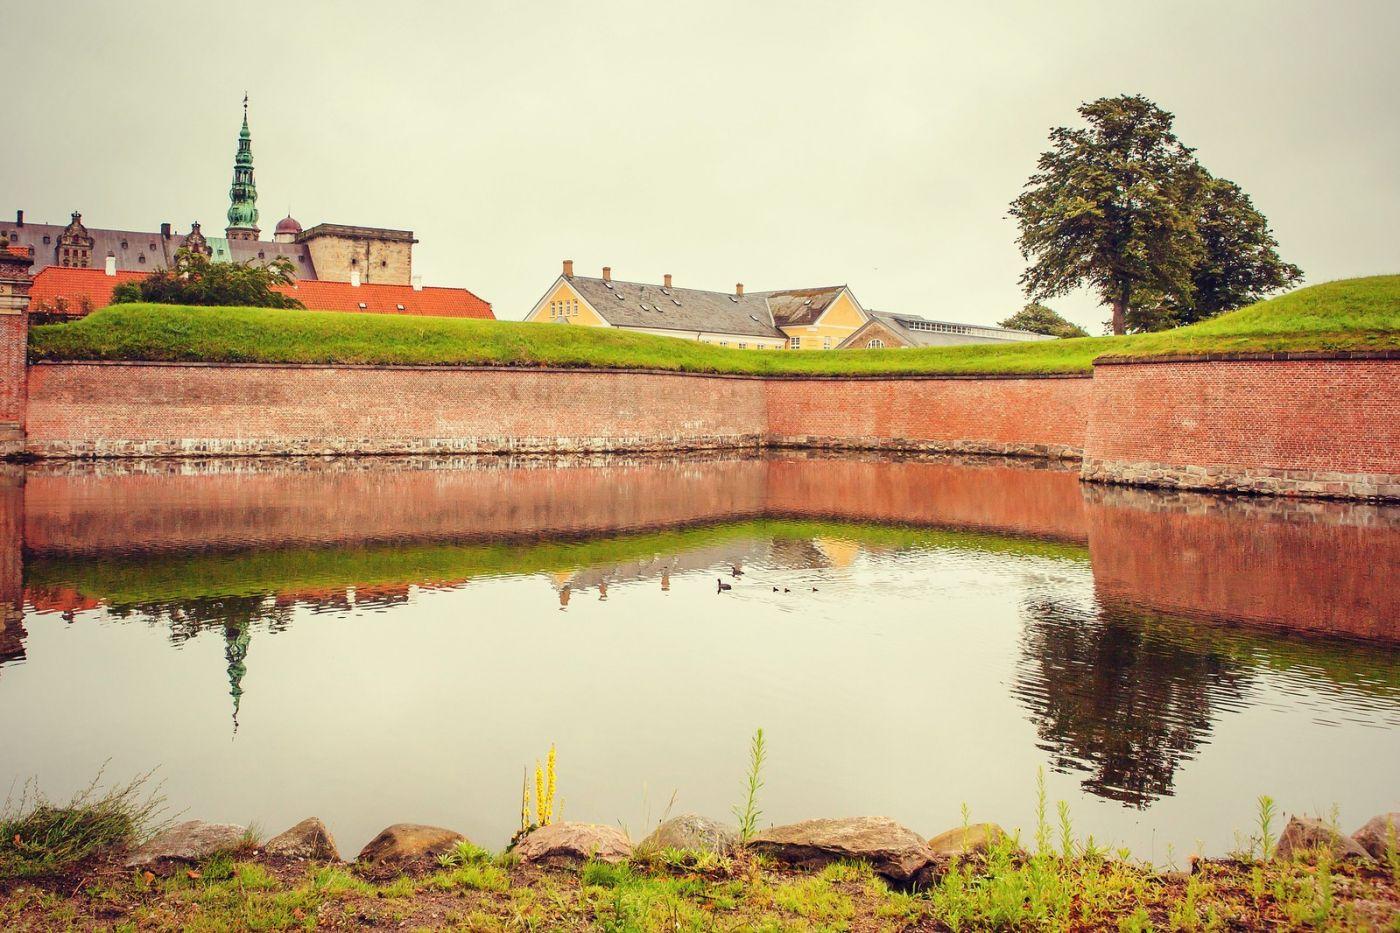 丹麦腓特烈堡城堡,当年的风采_图1-37